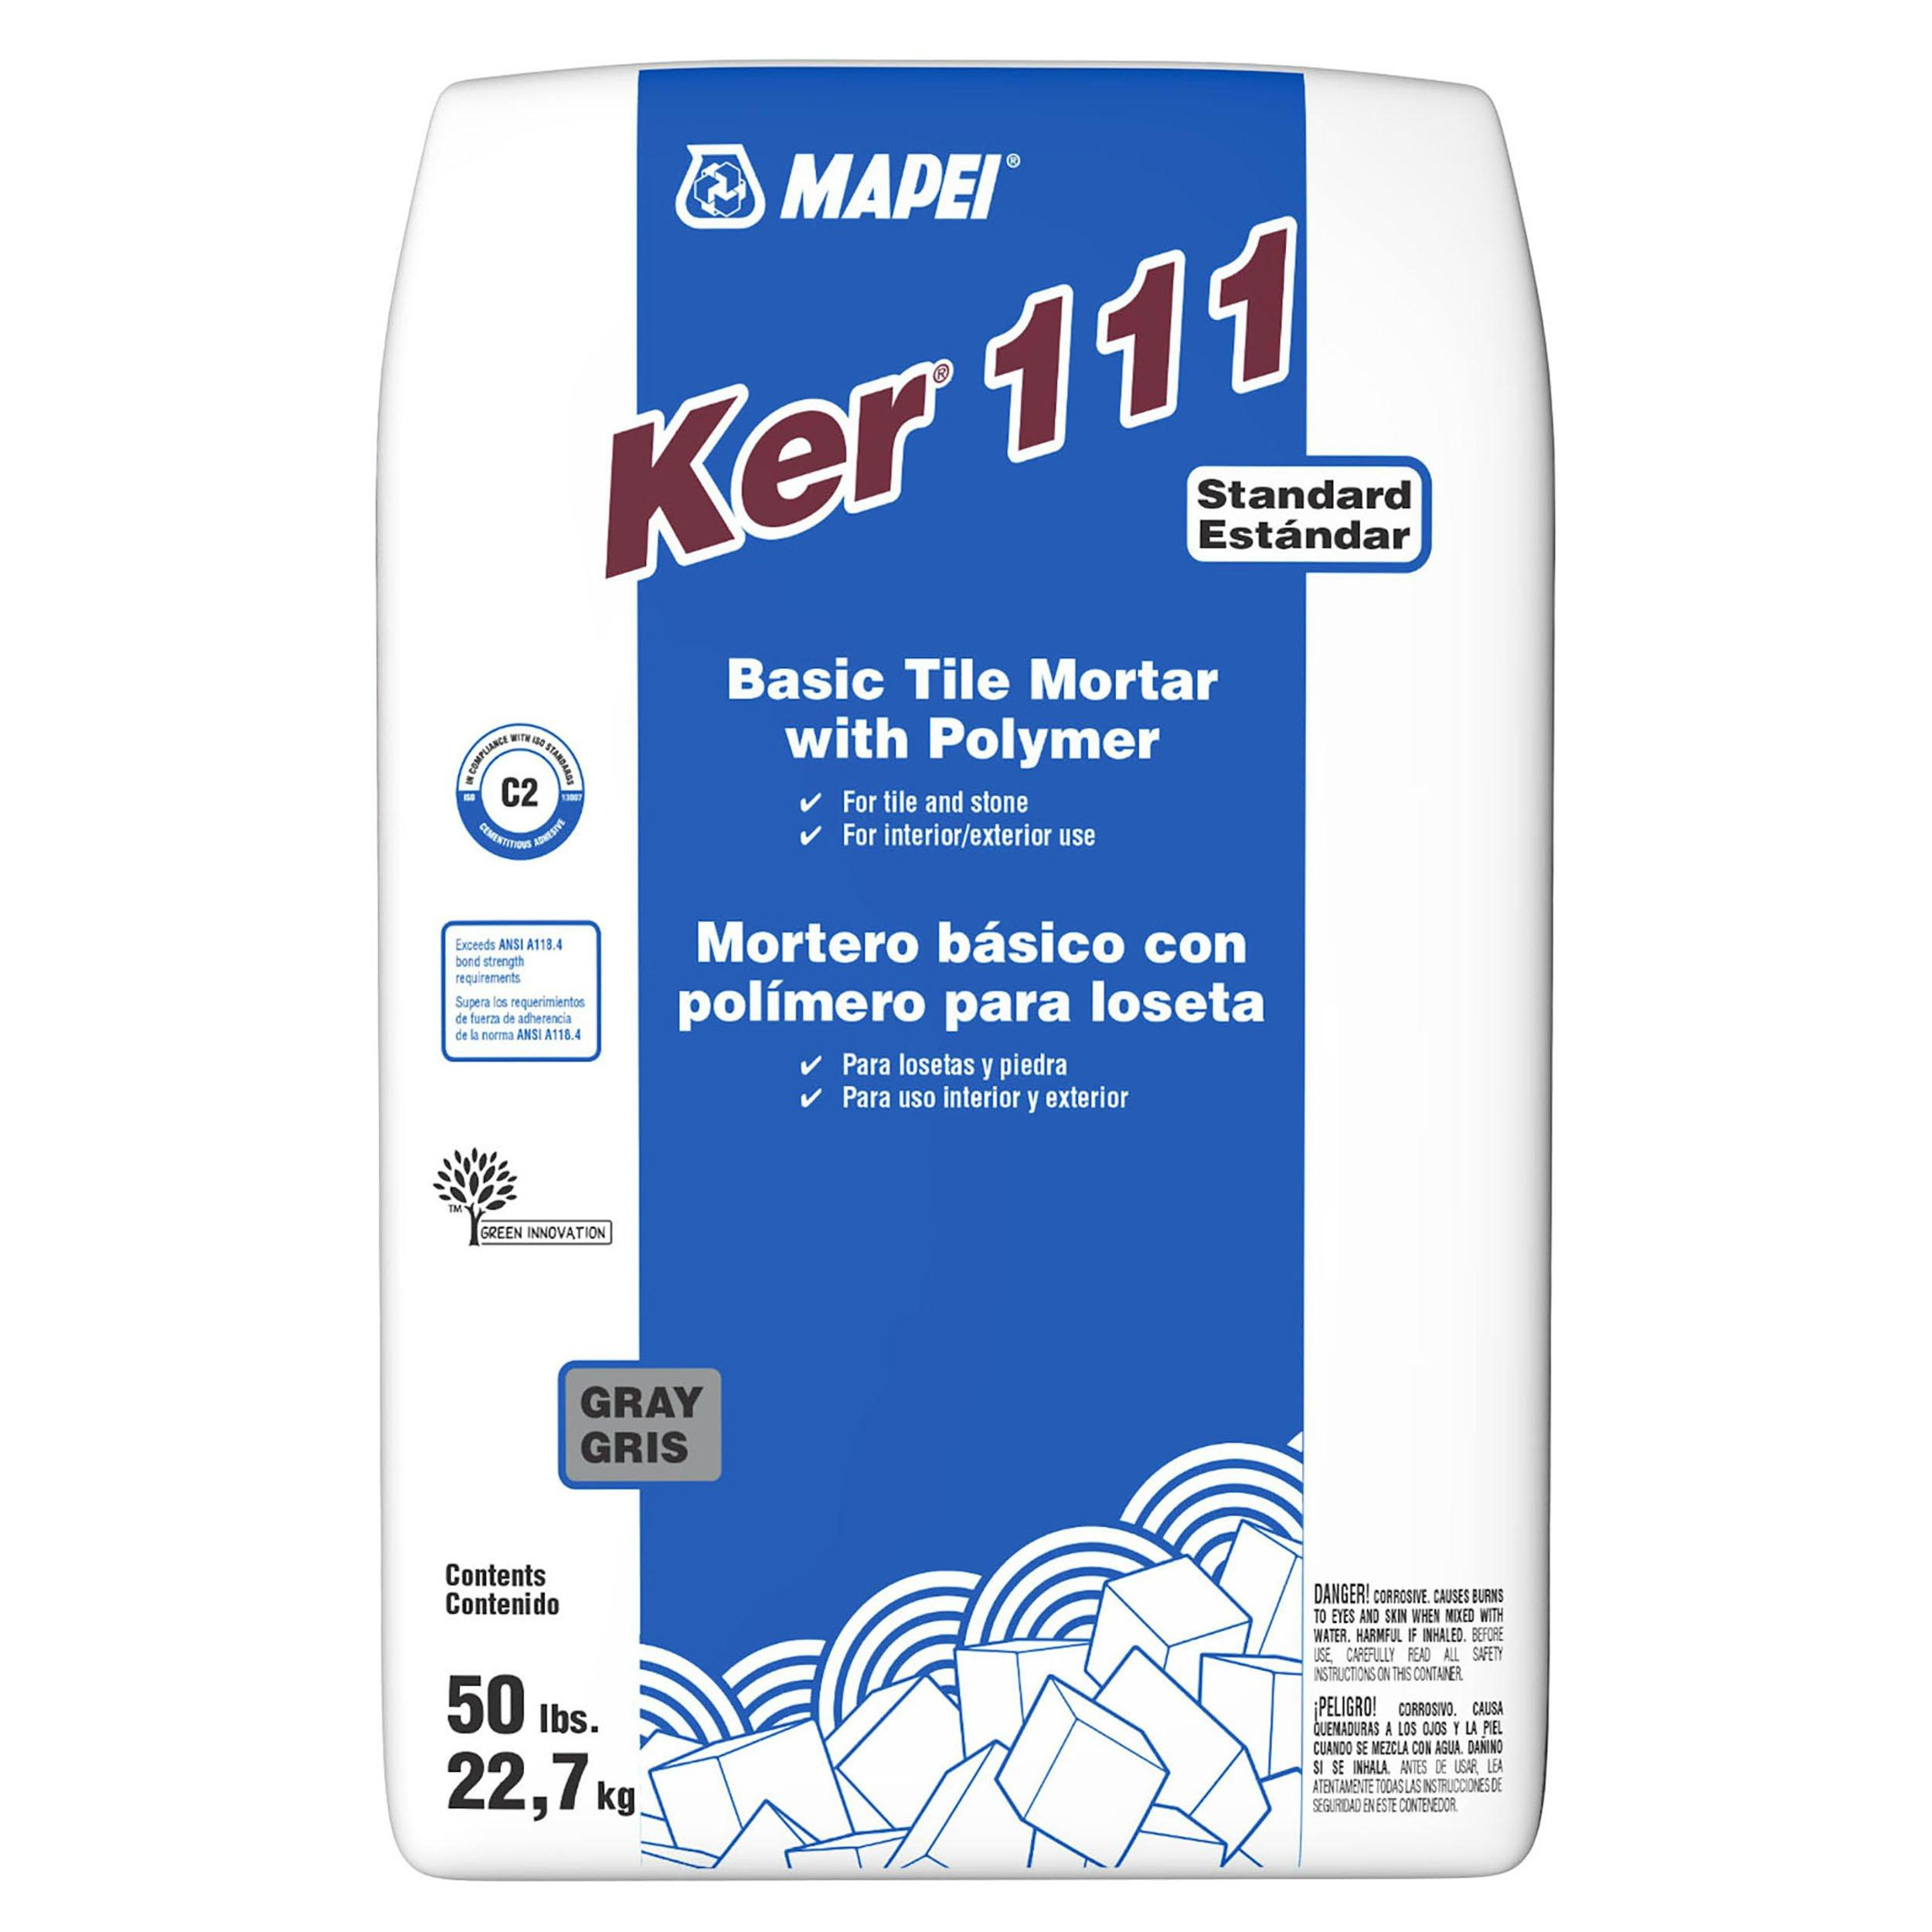 mapei ker 111 gray basic tile mortar with polymer